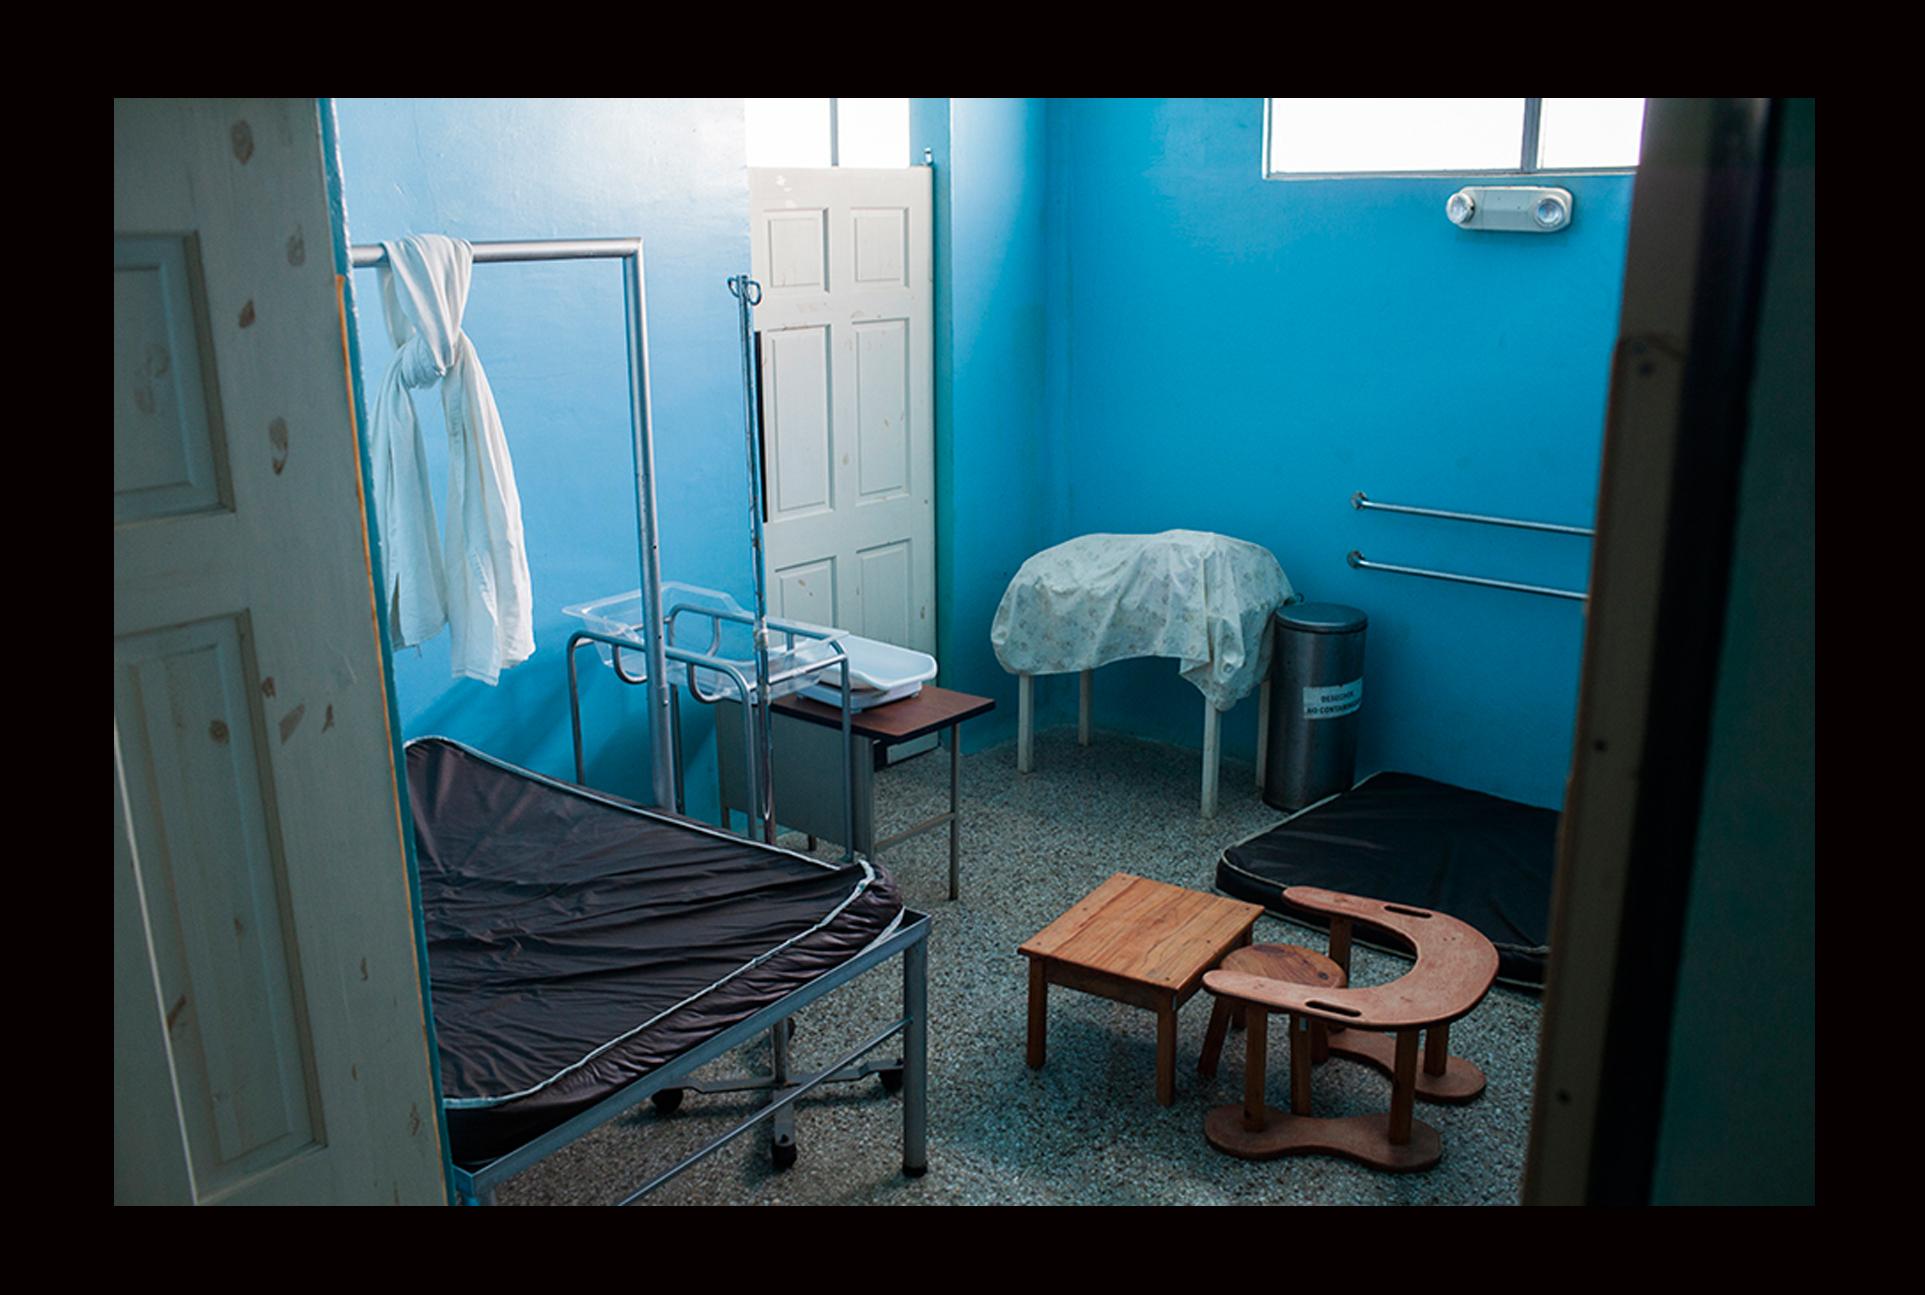 Cuarto de parto tradicional en el Puesto de Atención Permanente de Guineales. En este cuarto atienden parteras y comadronas.